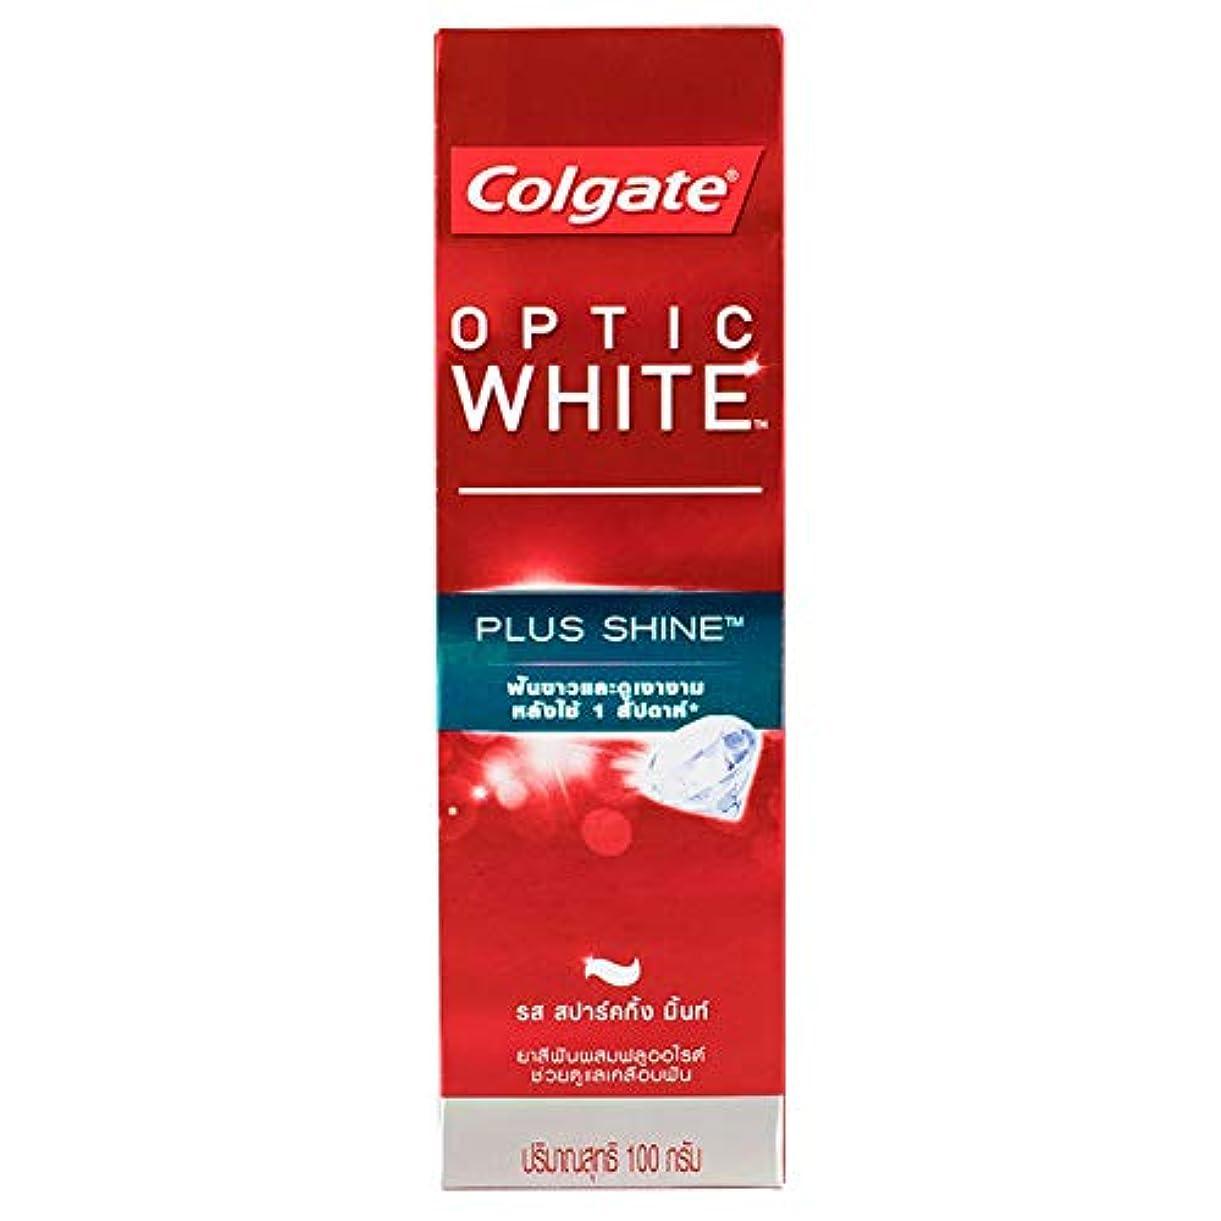 プランター請求書悪意のある(コルゲート)Colgate 歯磨き粉 「オプティック ホワイト 」 (プラス シャイン)